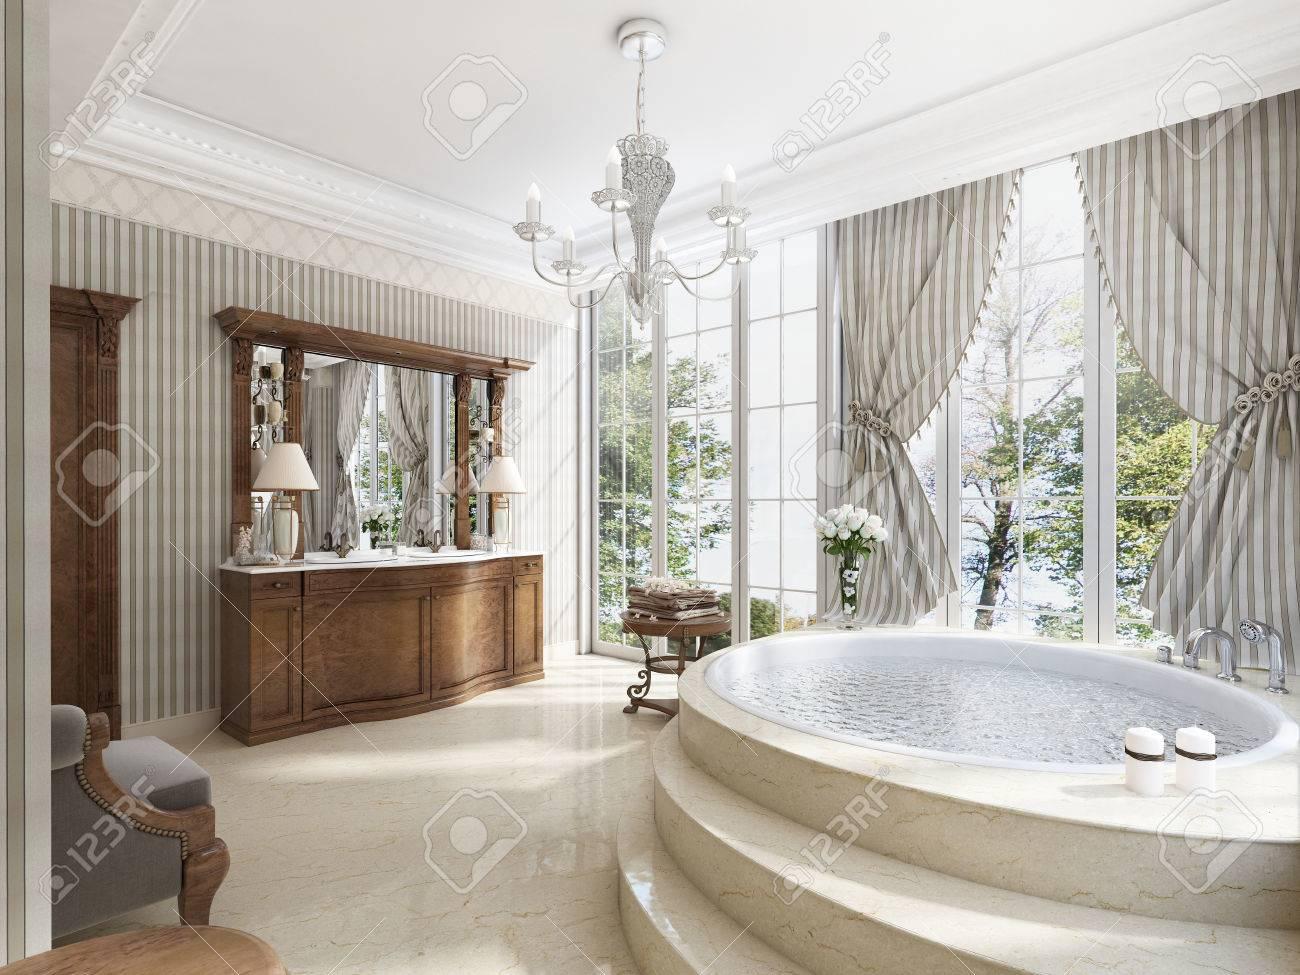 Badezimmer In Luxus Neoklassizistischen Stil Mit Waschbecken Badewannen Und  Einem Großen Runden Badewanne Mit Marmorstufen